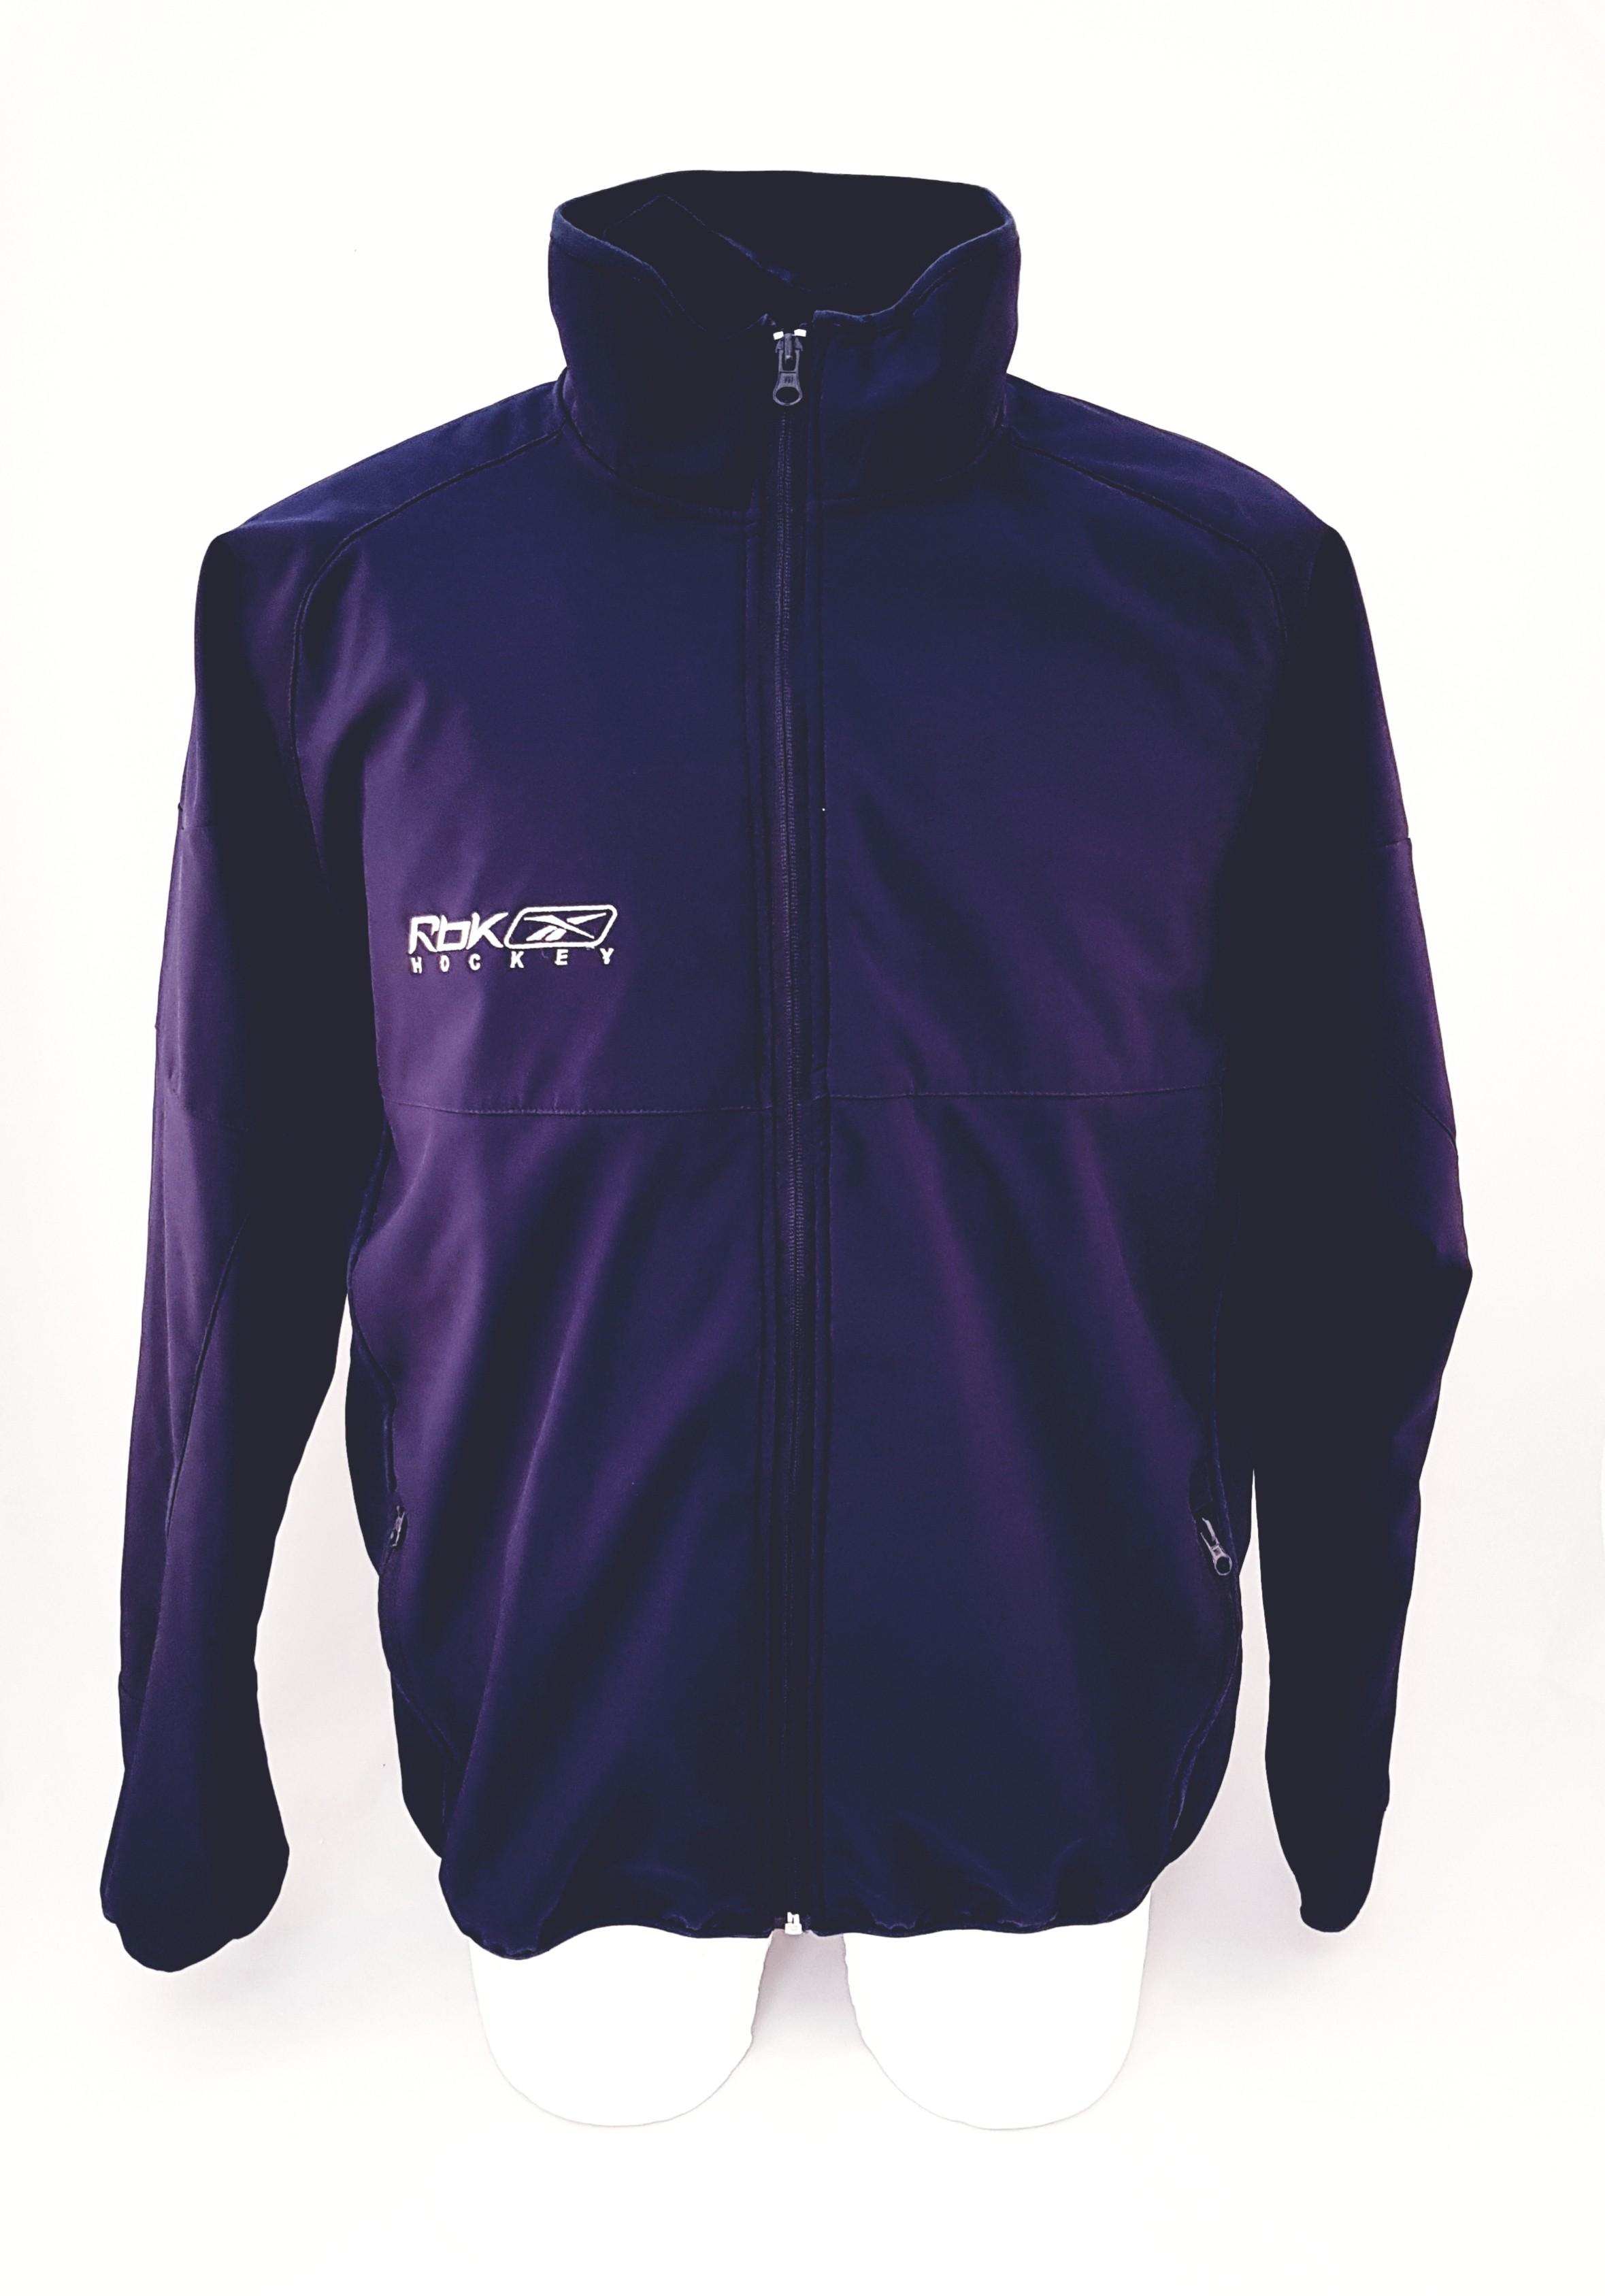 RBK Hockey Adult Workout Jacket